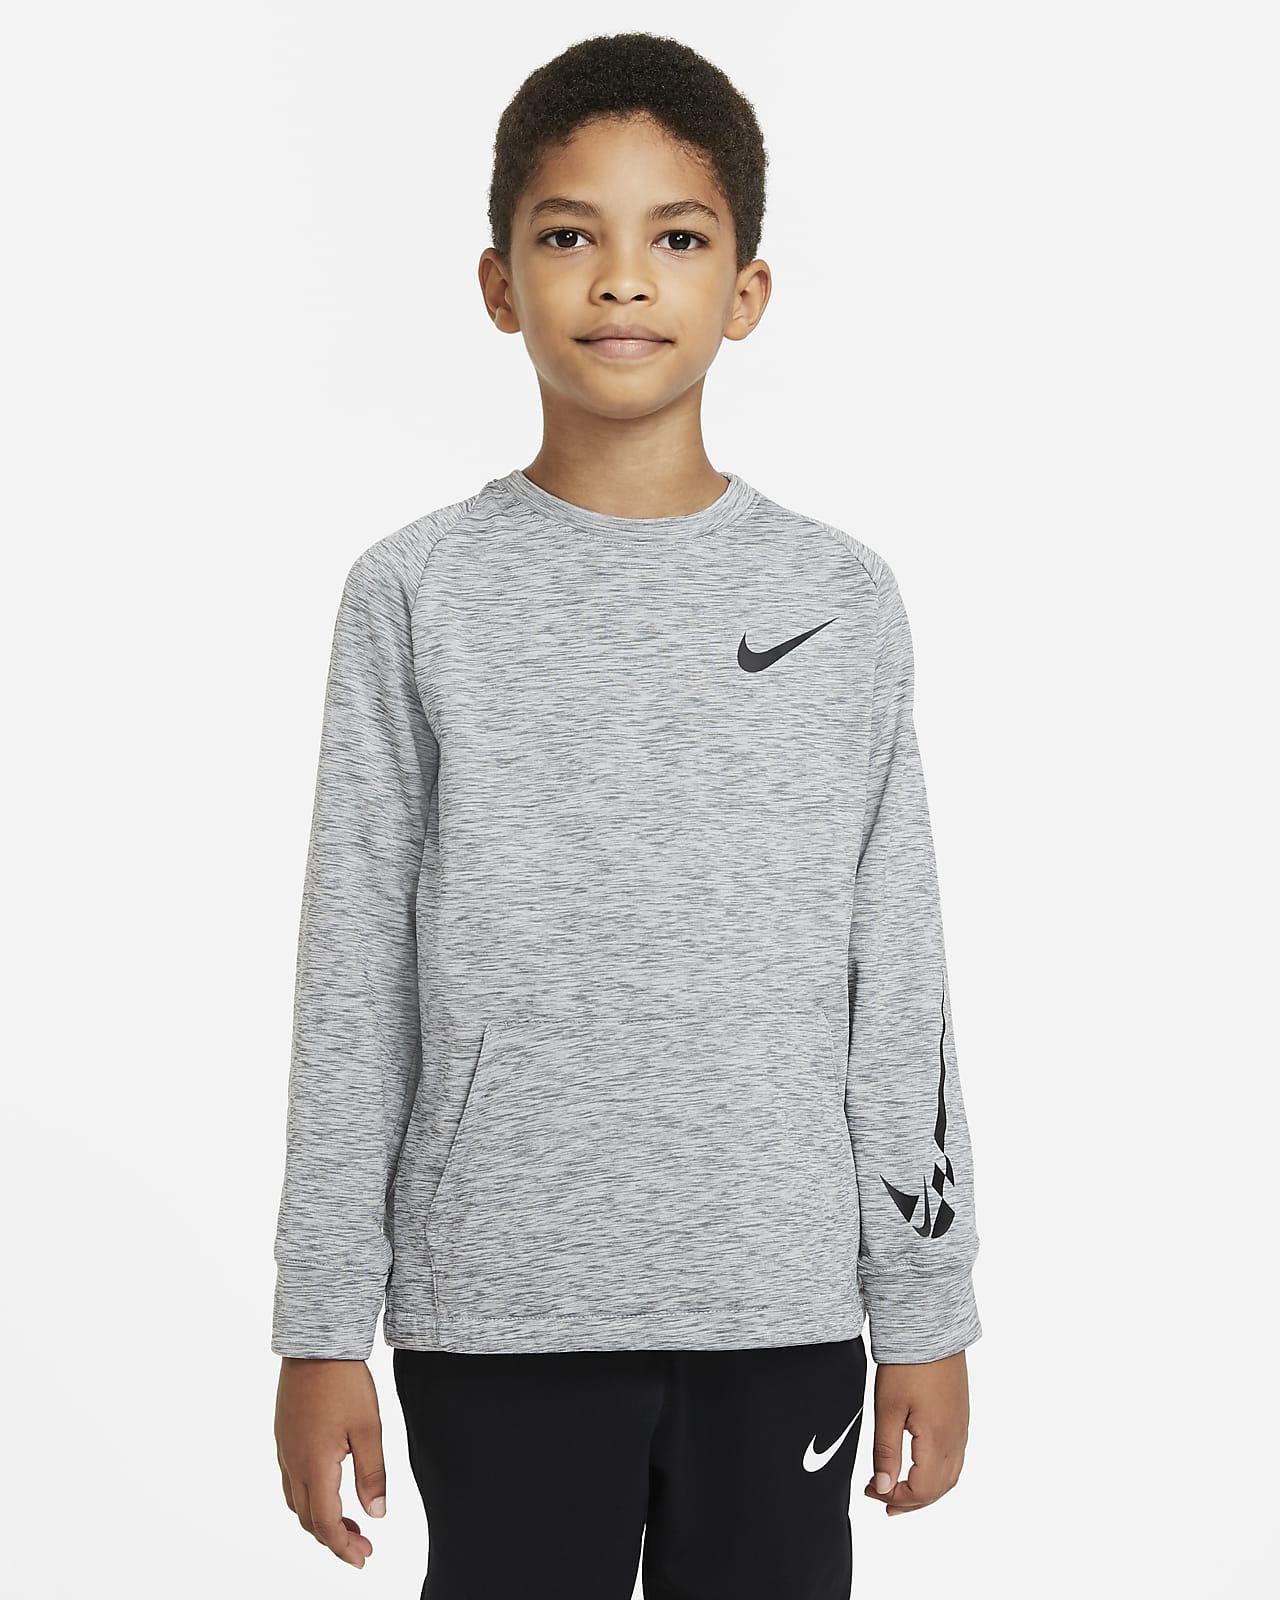 Nike Trainings-Oberteil aus Fleece für ältere Kinder (Jungen)